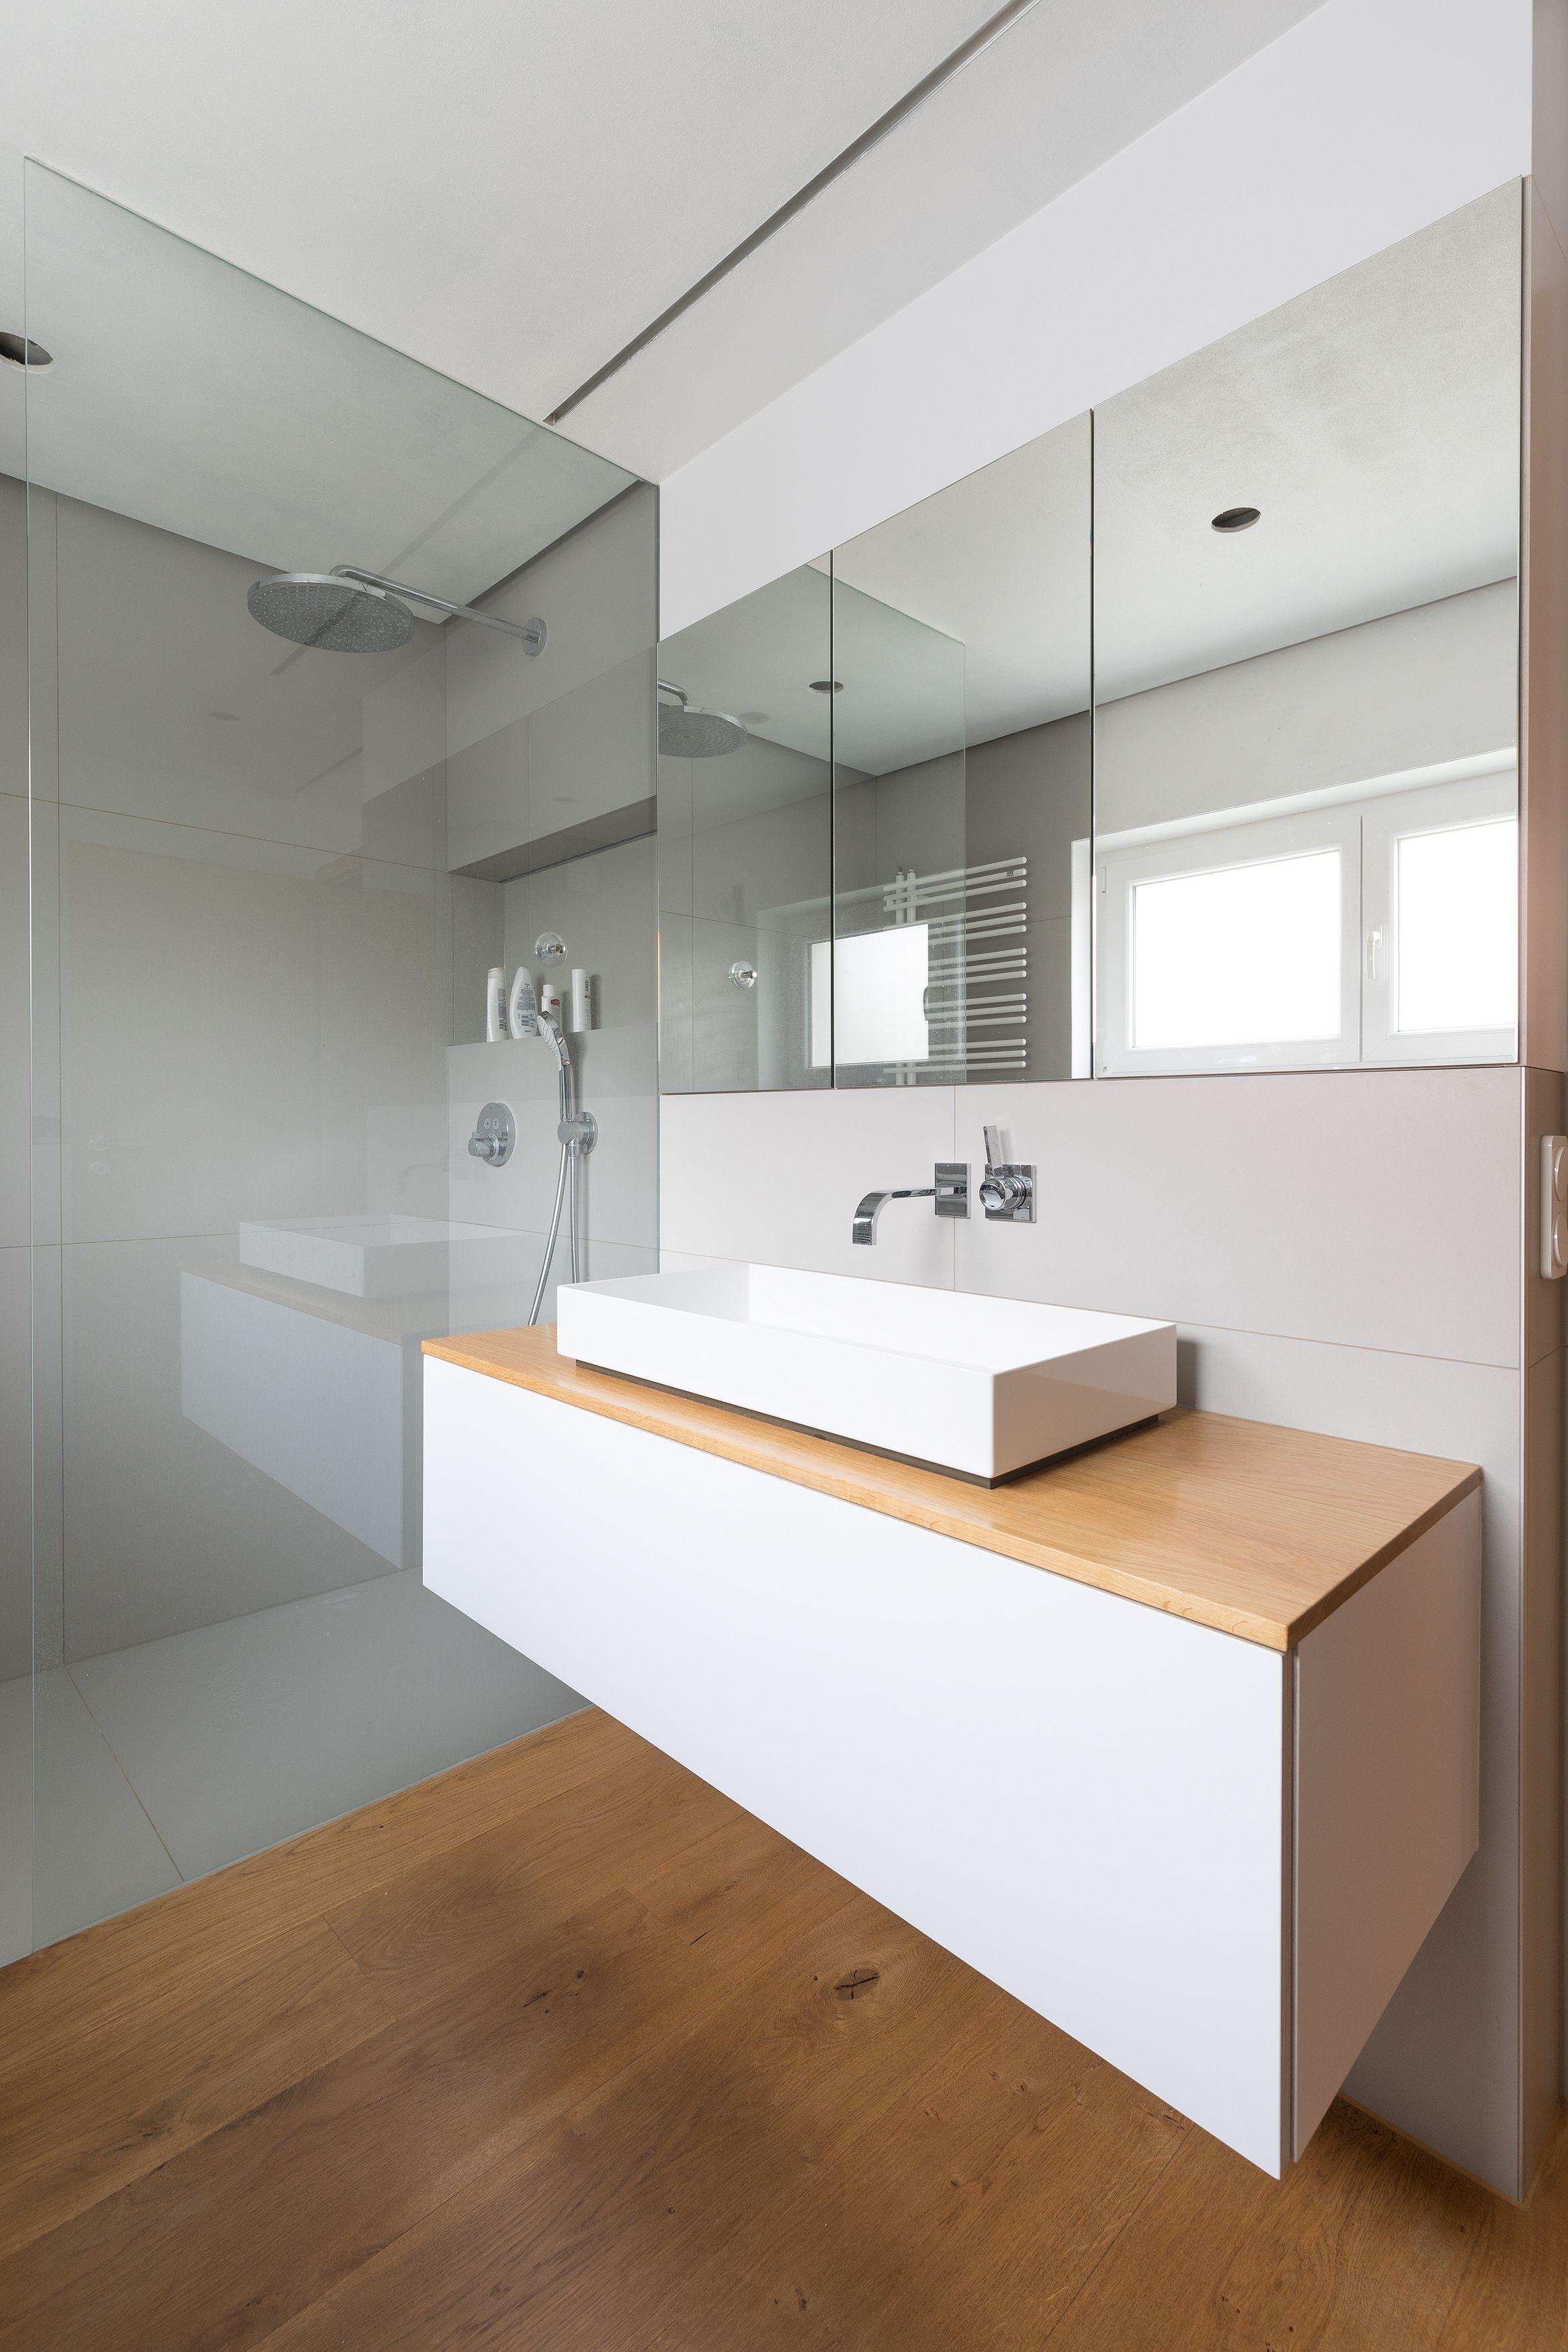 13 Bad Badezimmer Einbauschrank Badezimmerschrank Schrank ...